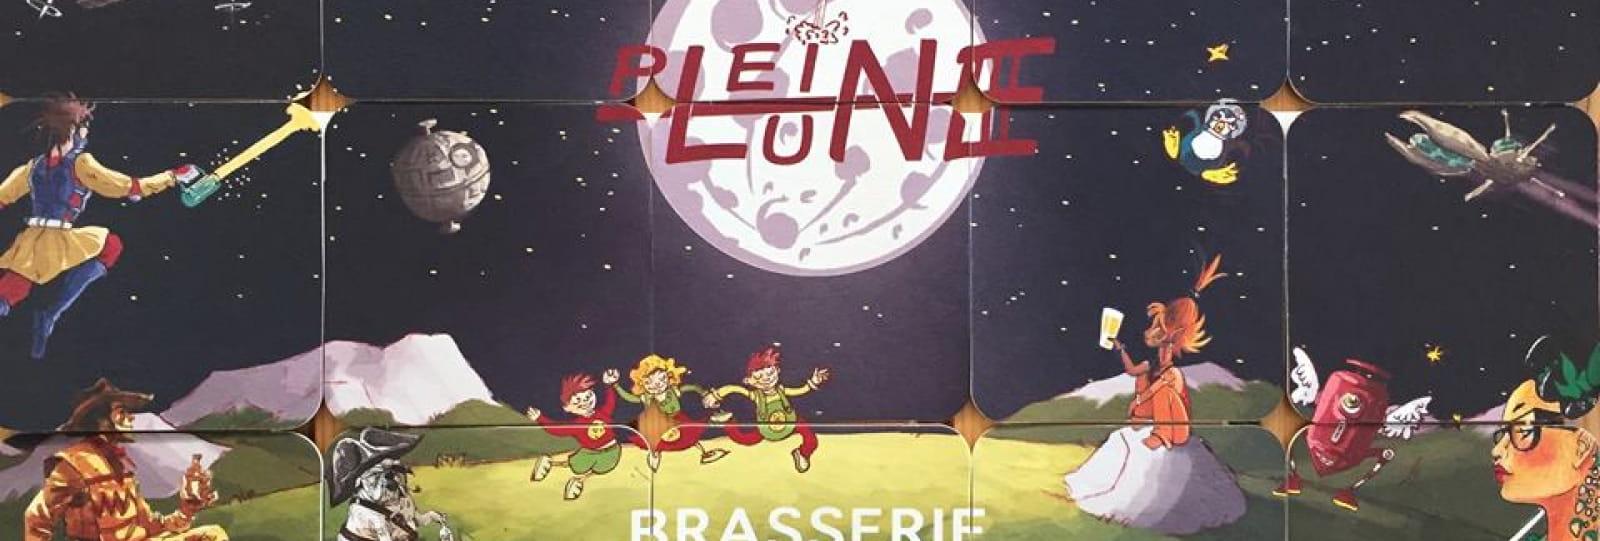 Brasserie Artisanale Pleine Lune